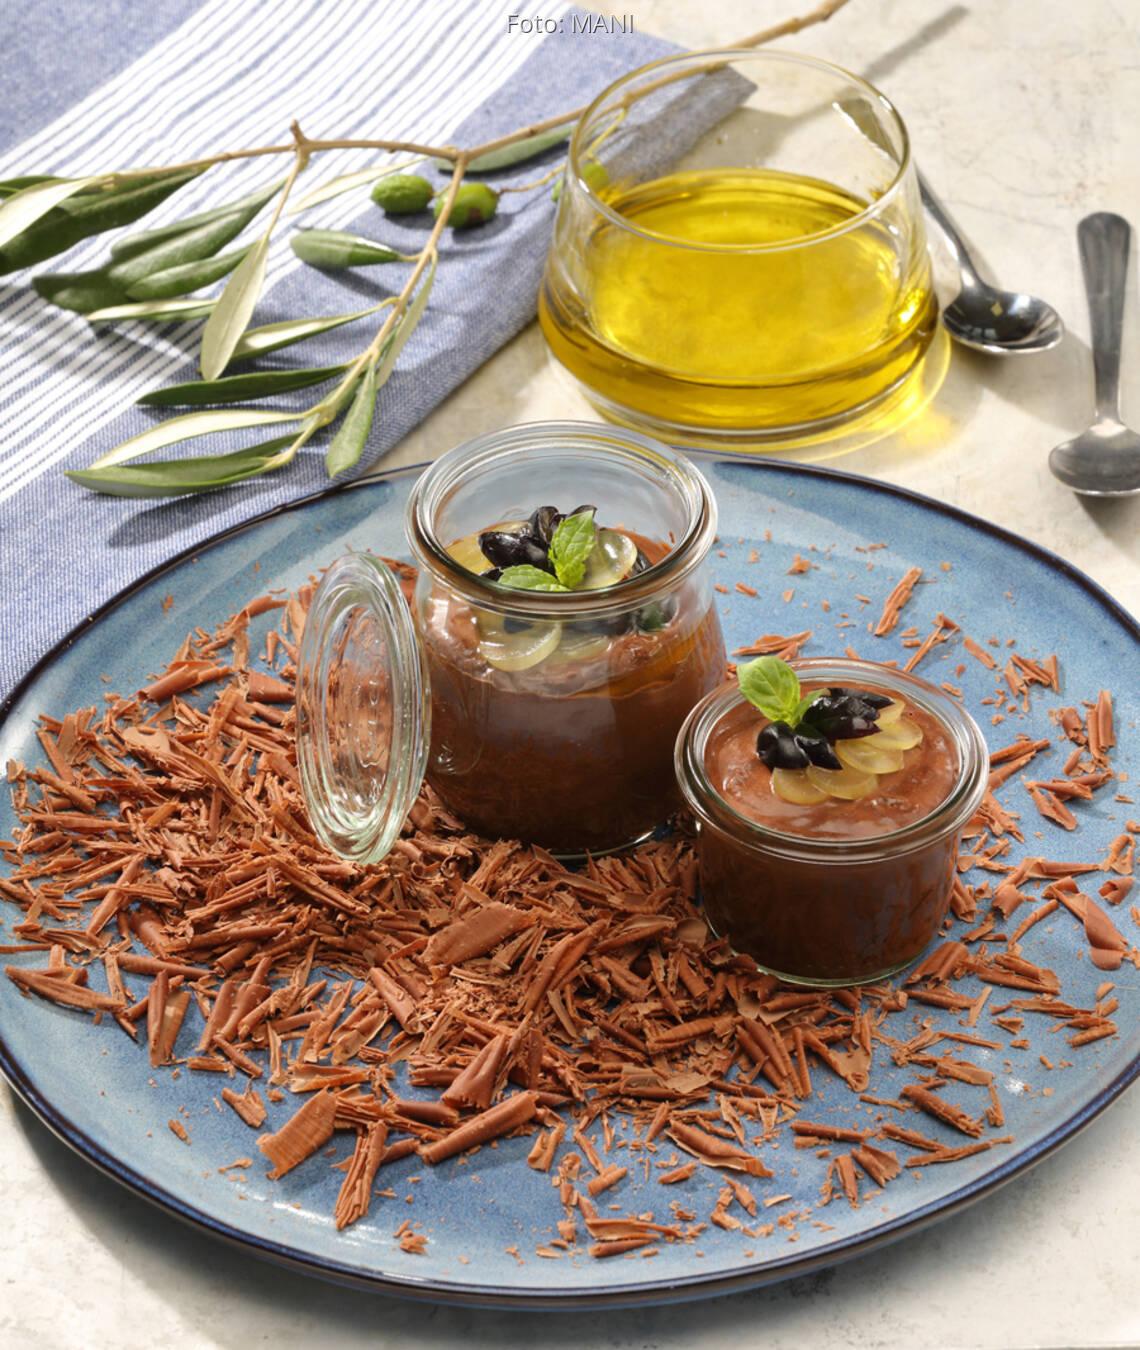 Schokomousse in Gläschen auf blauem Teller mit Olivenöl und Tuch dekoriert